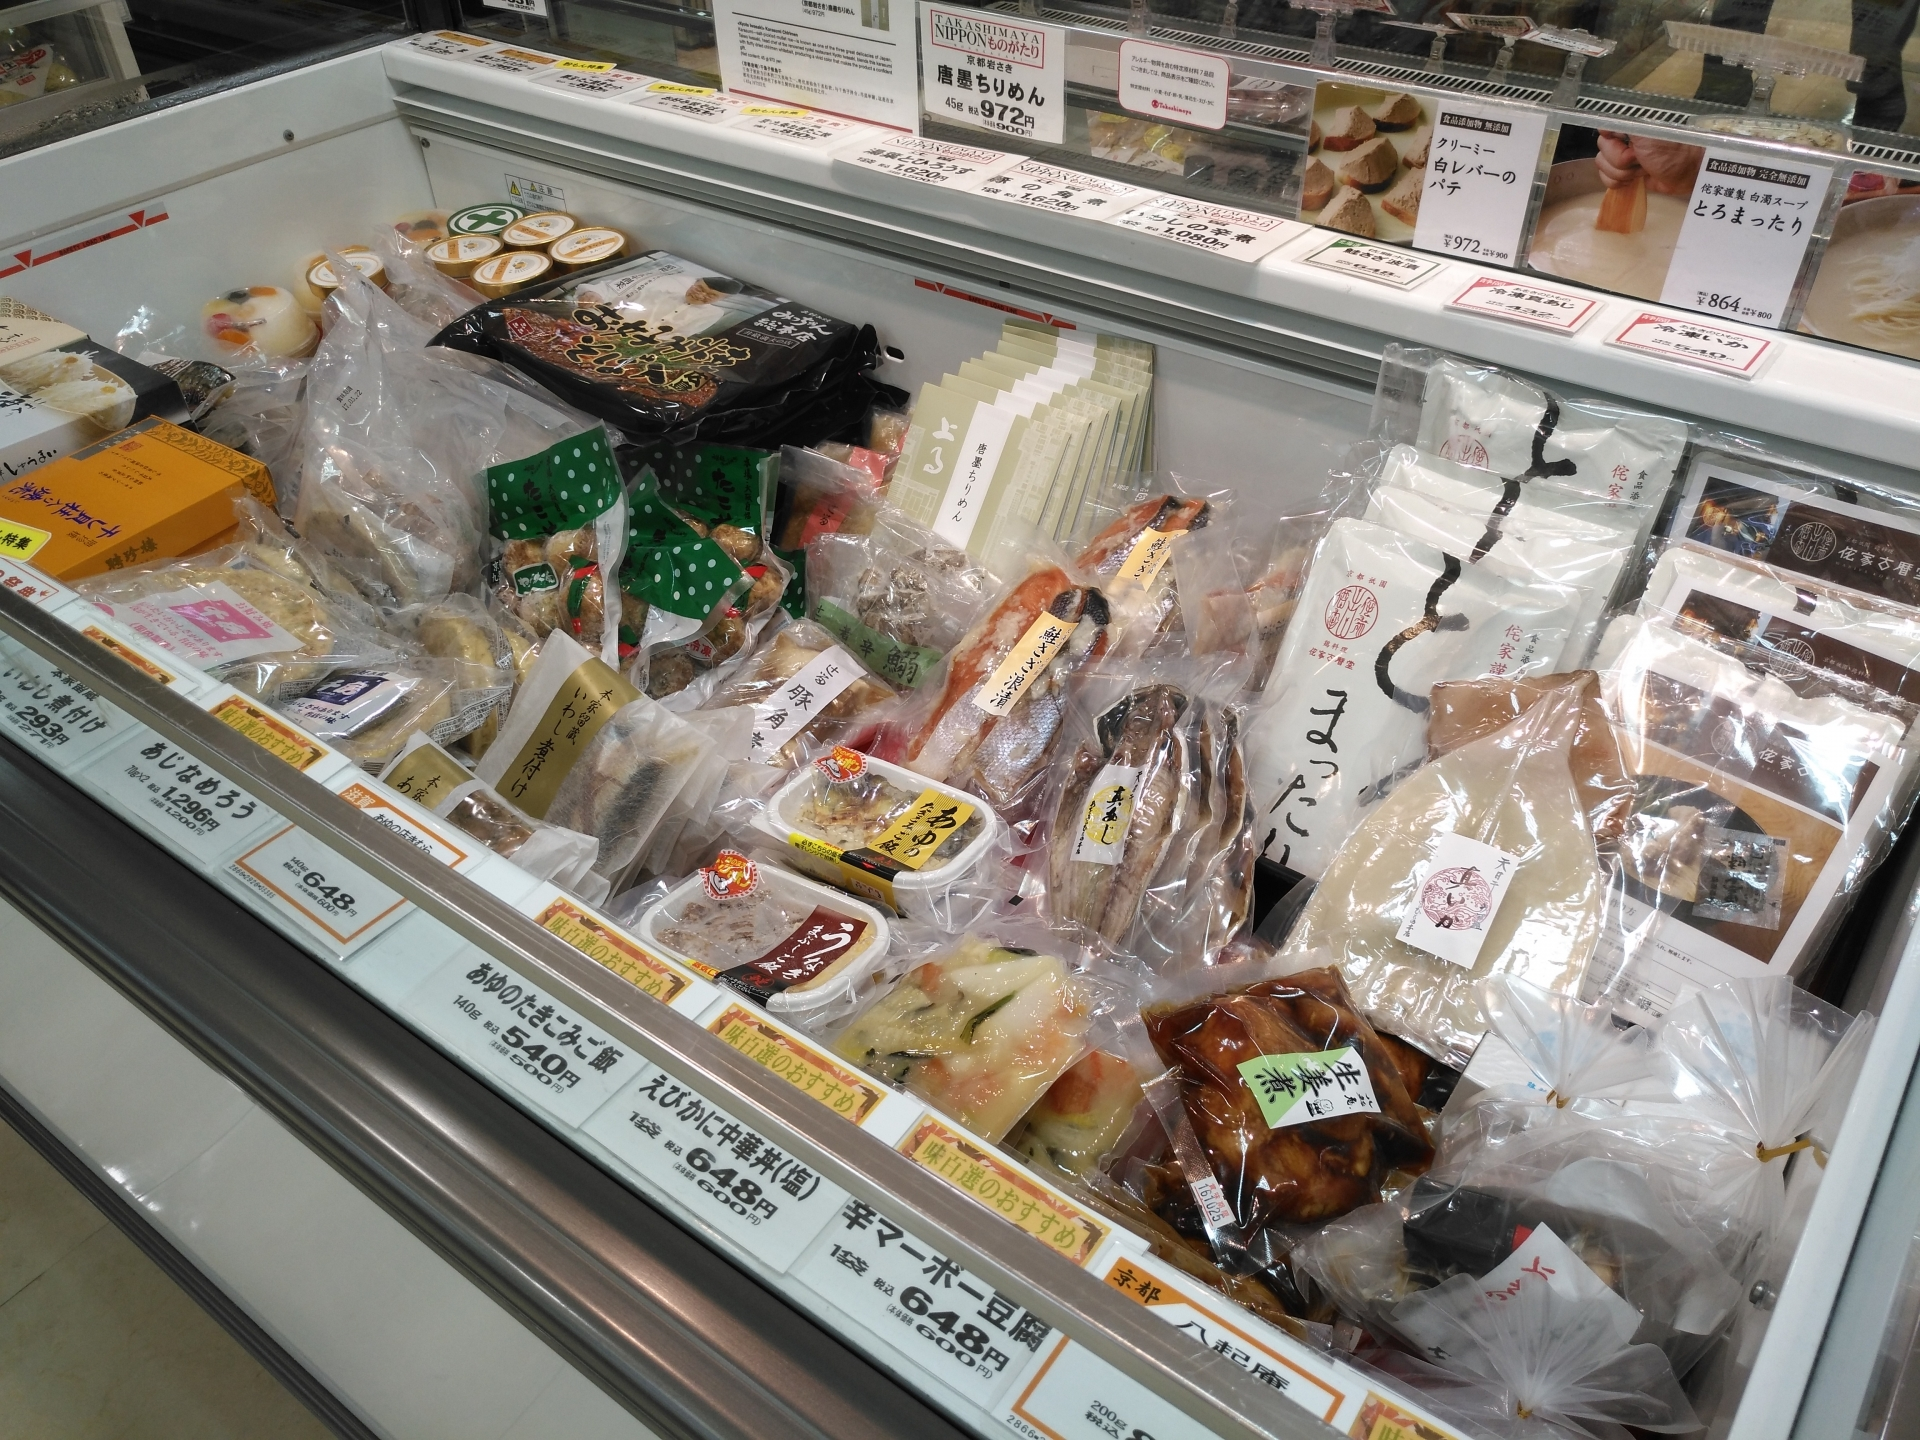 4fbe63157134023ff05c4304a7010495 m 食品添加物は腸内細菌を減らす?加工食品に注意!